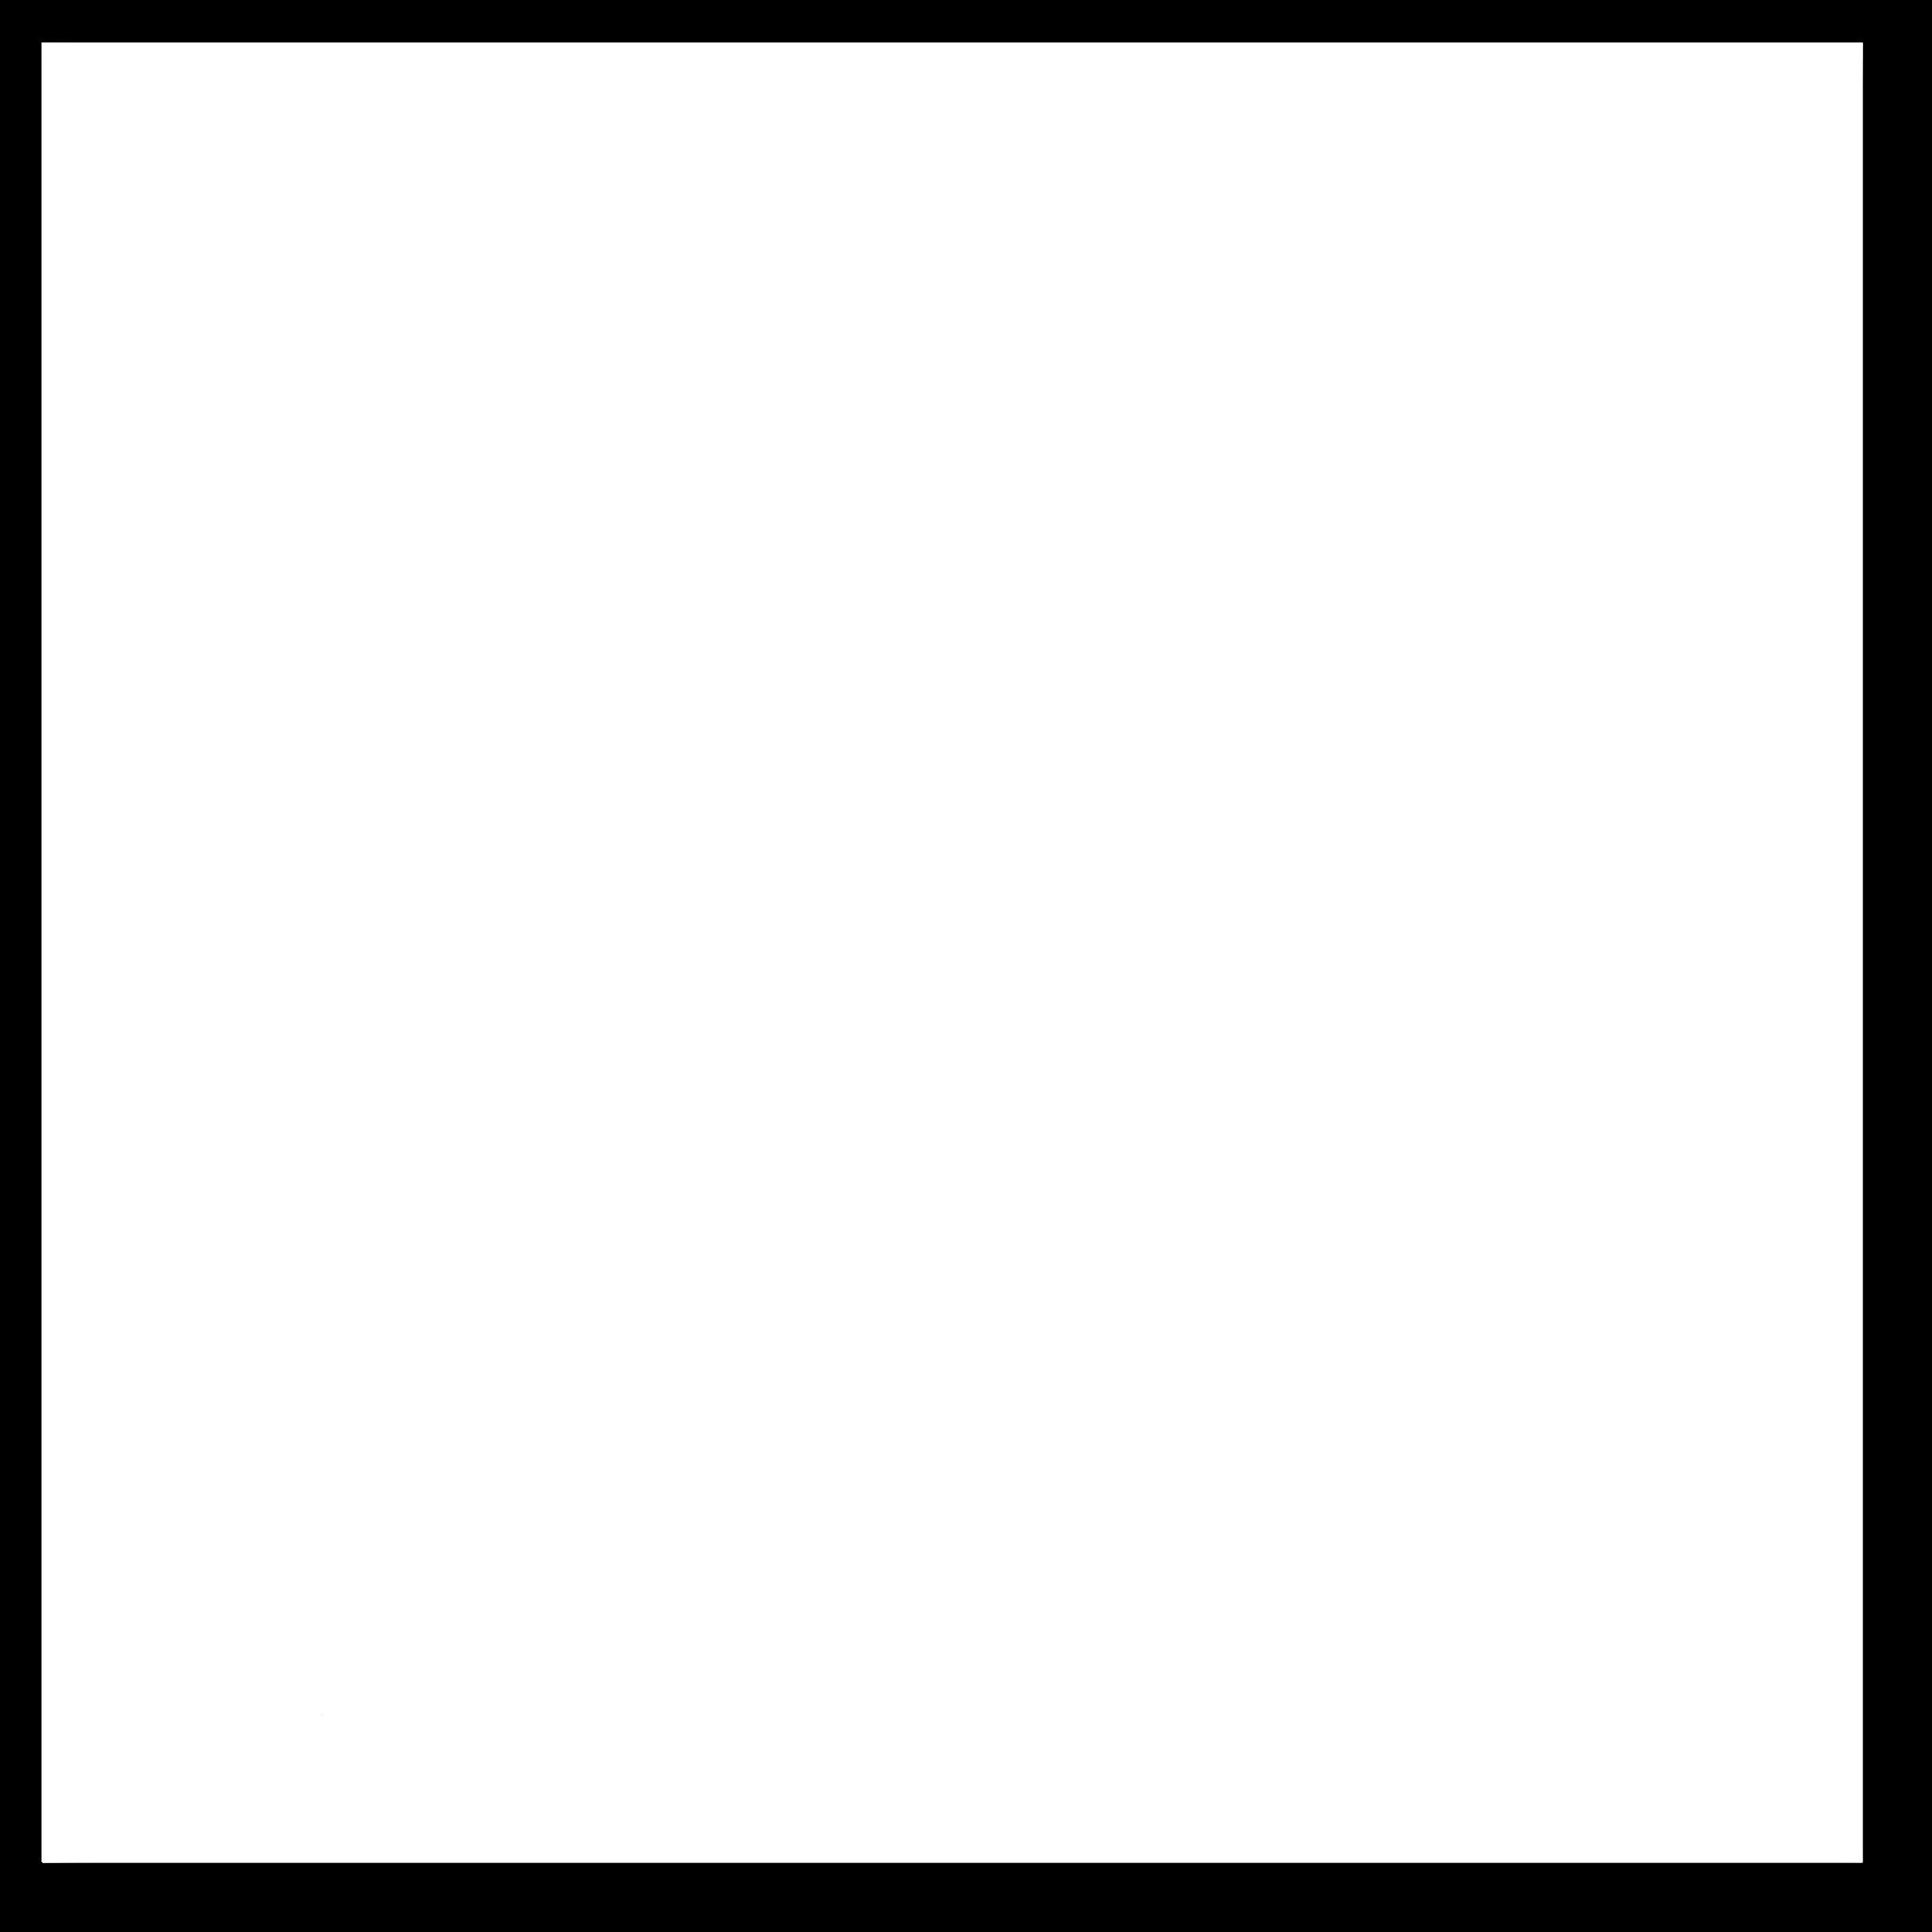 Бумажный студийный фон Savage Widetone Pure White 2.72m x 11m (Чисто белый)